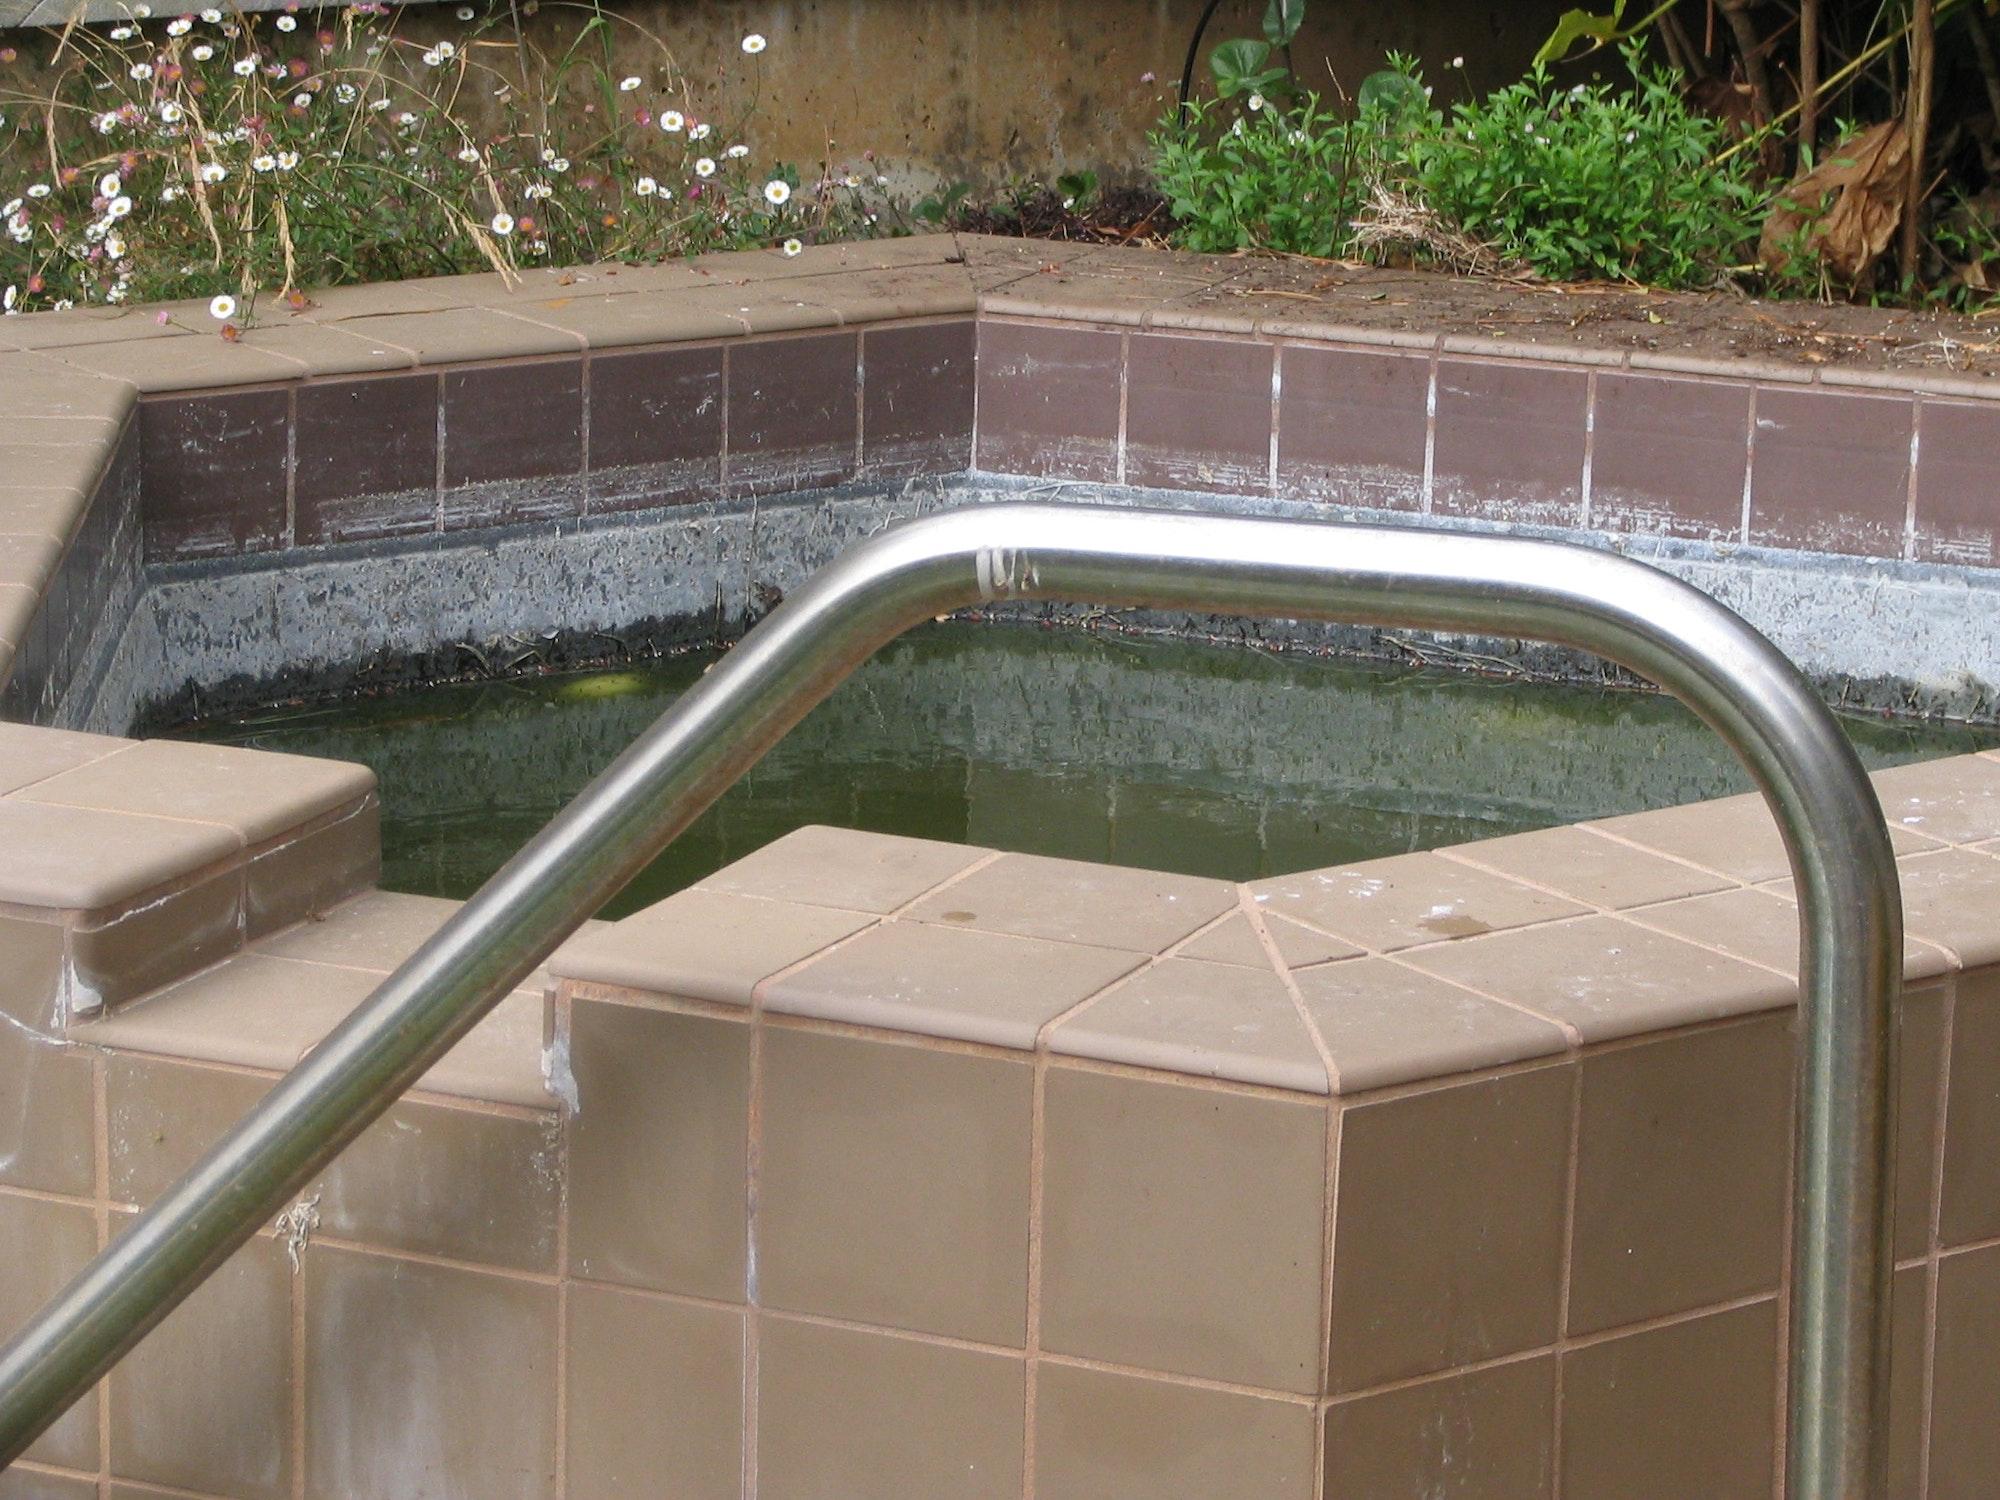 May contain: tub